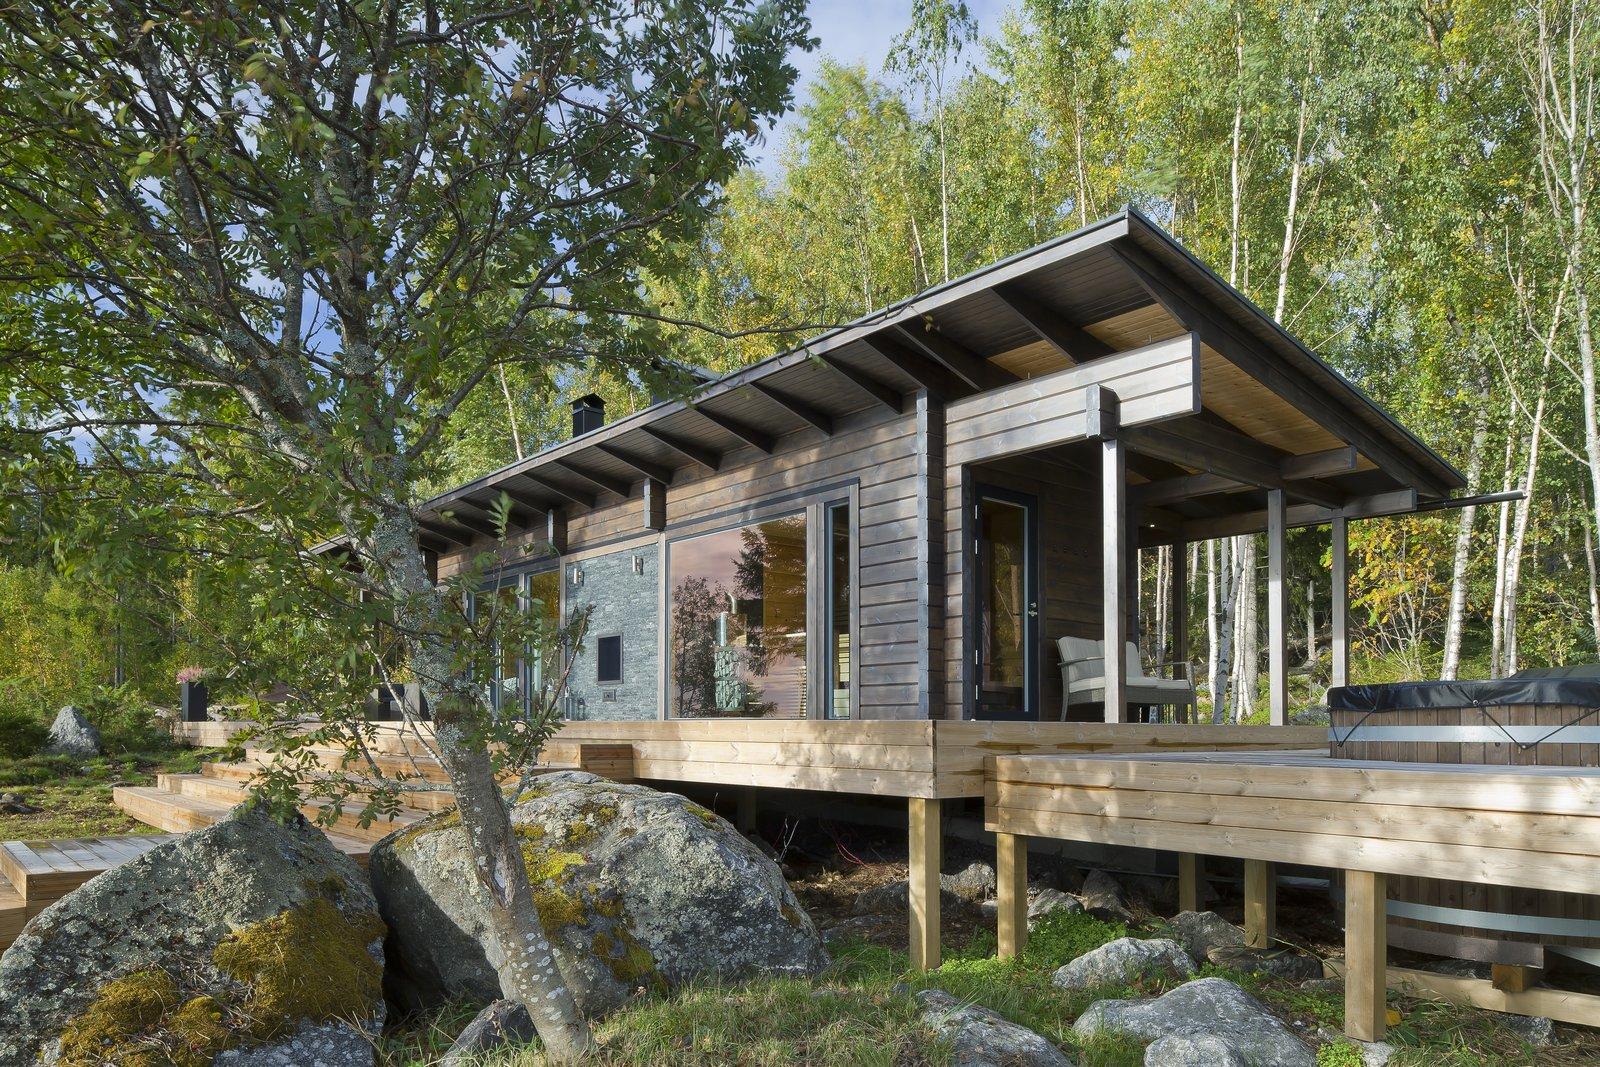 Kide log cabin kit home exterior